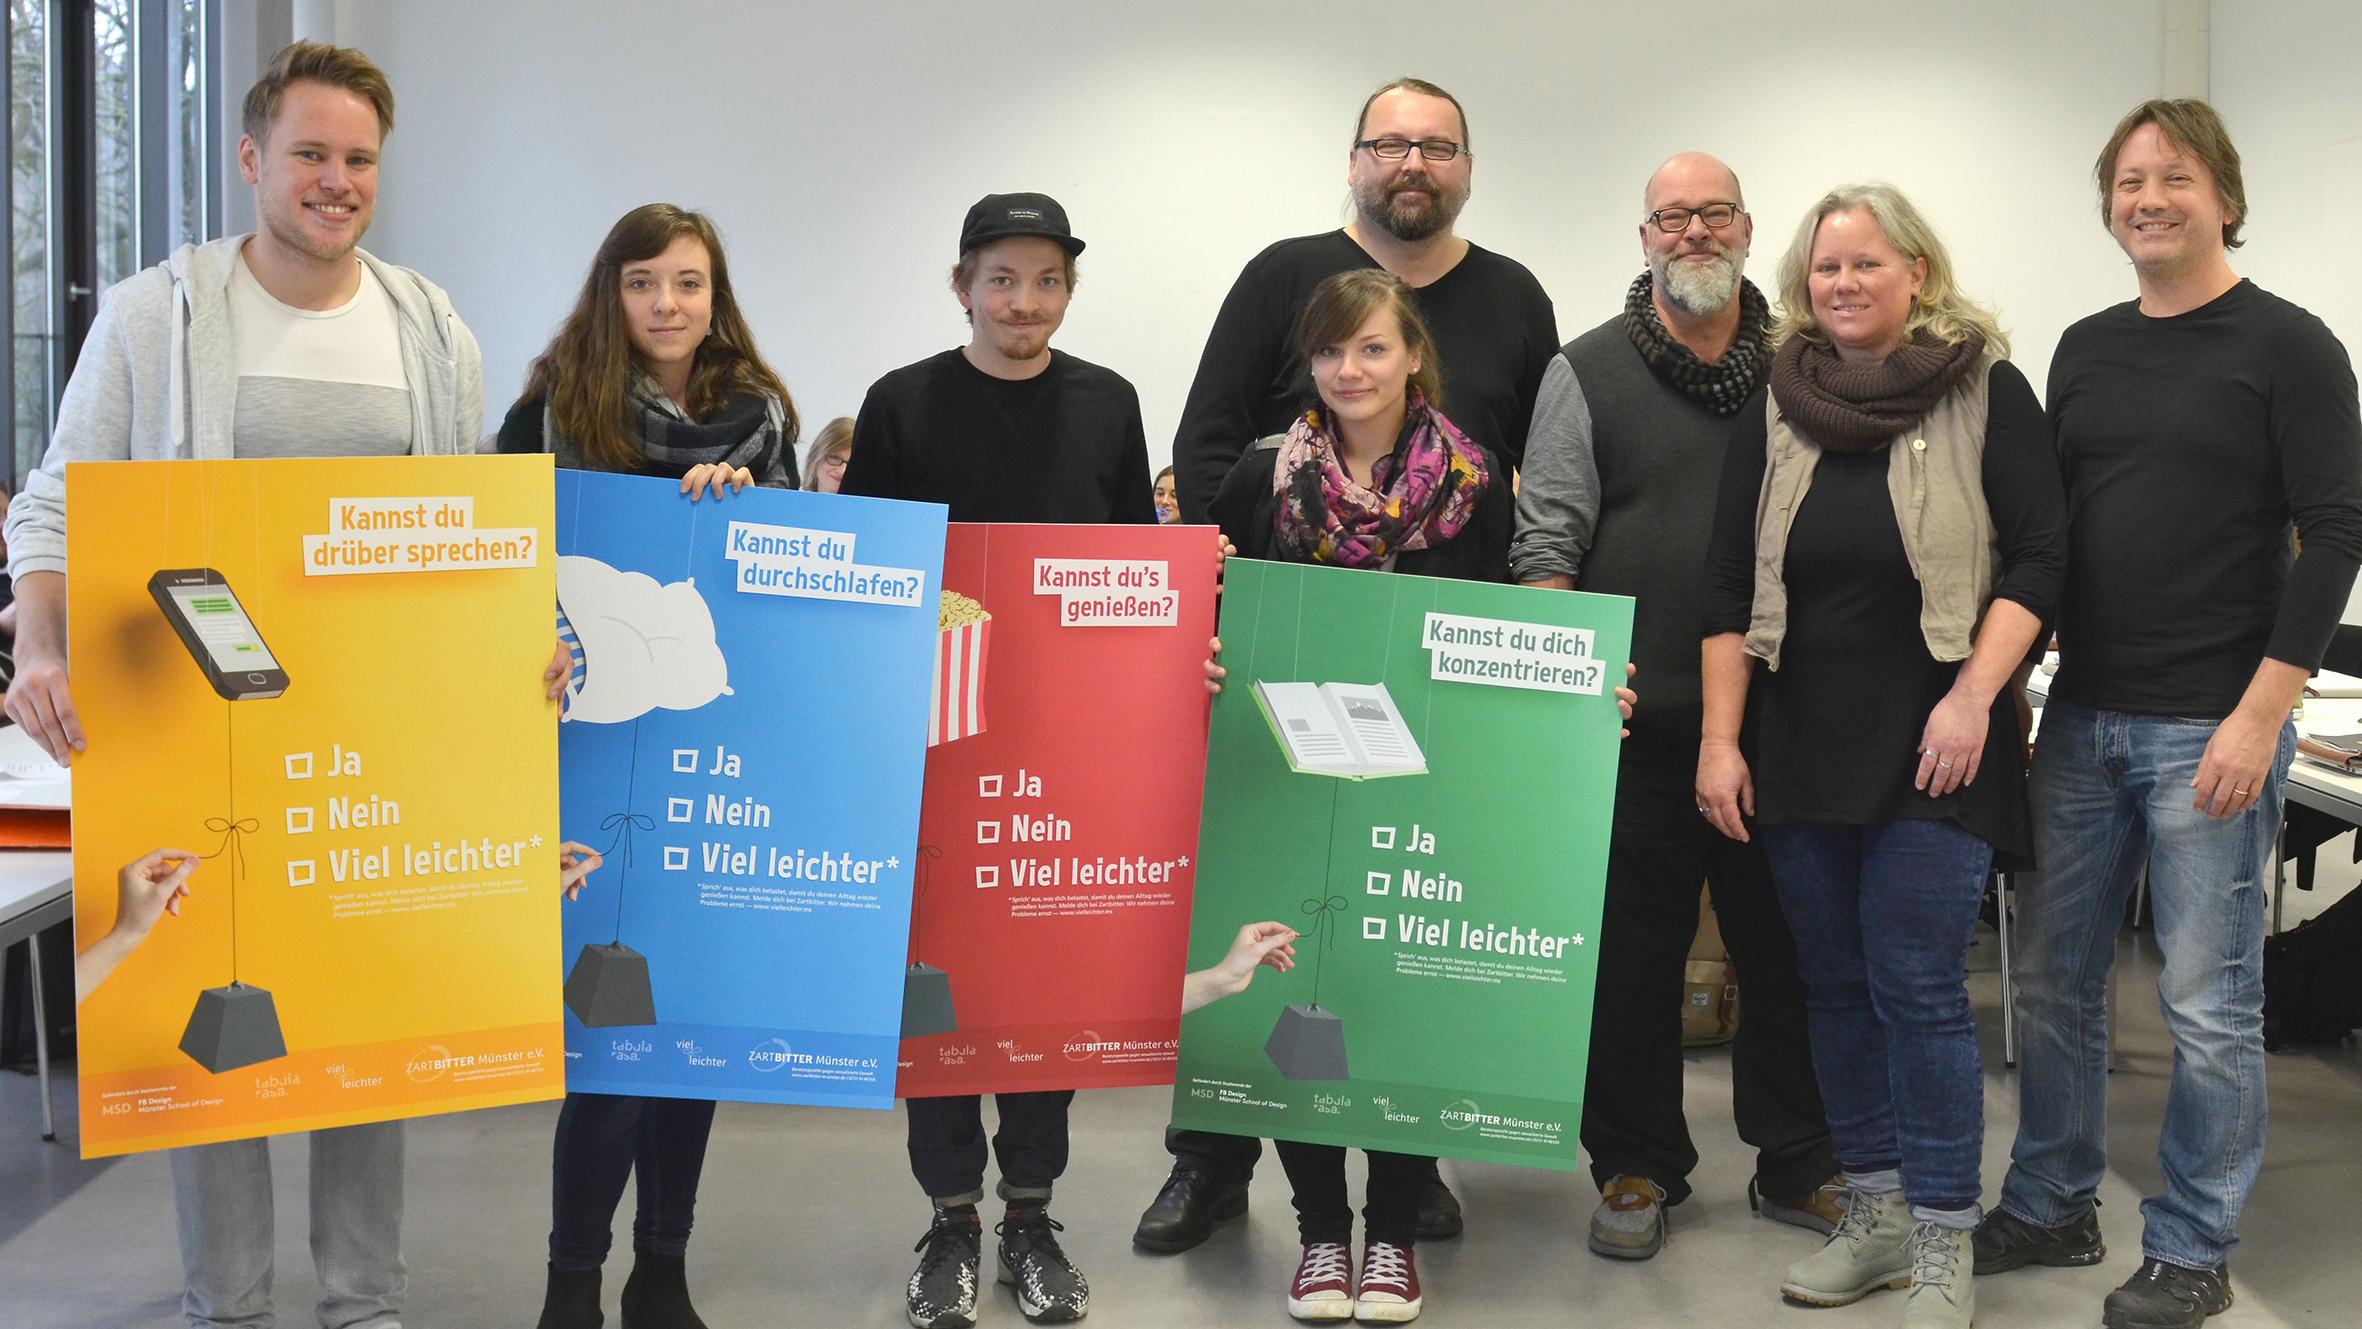 Alternativtext zu den Bildern im Web: Studierende, Vertreter von Zartbitter Münster, Paul Plattner-Wodarczak